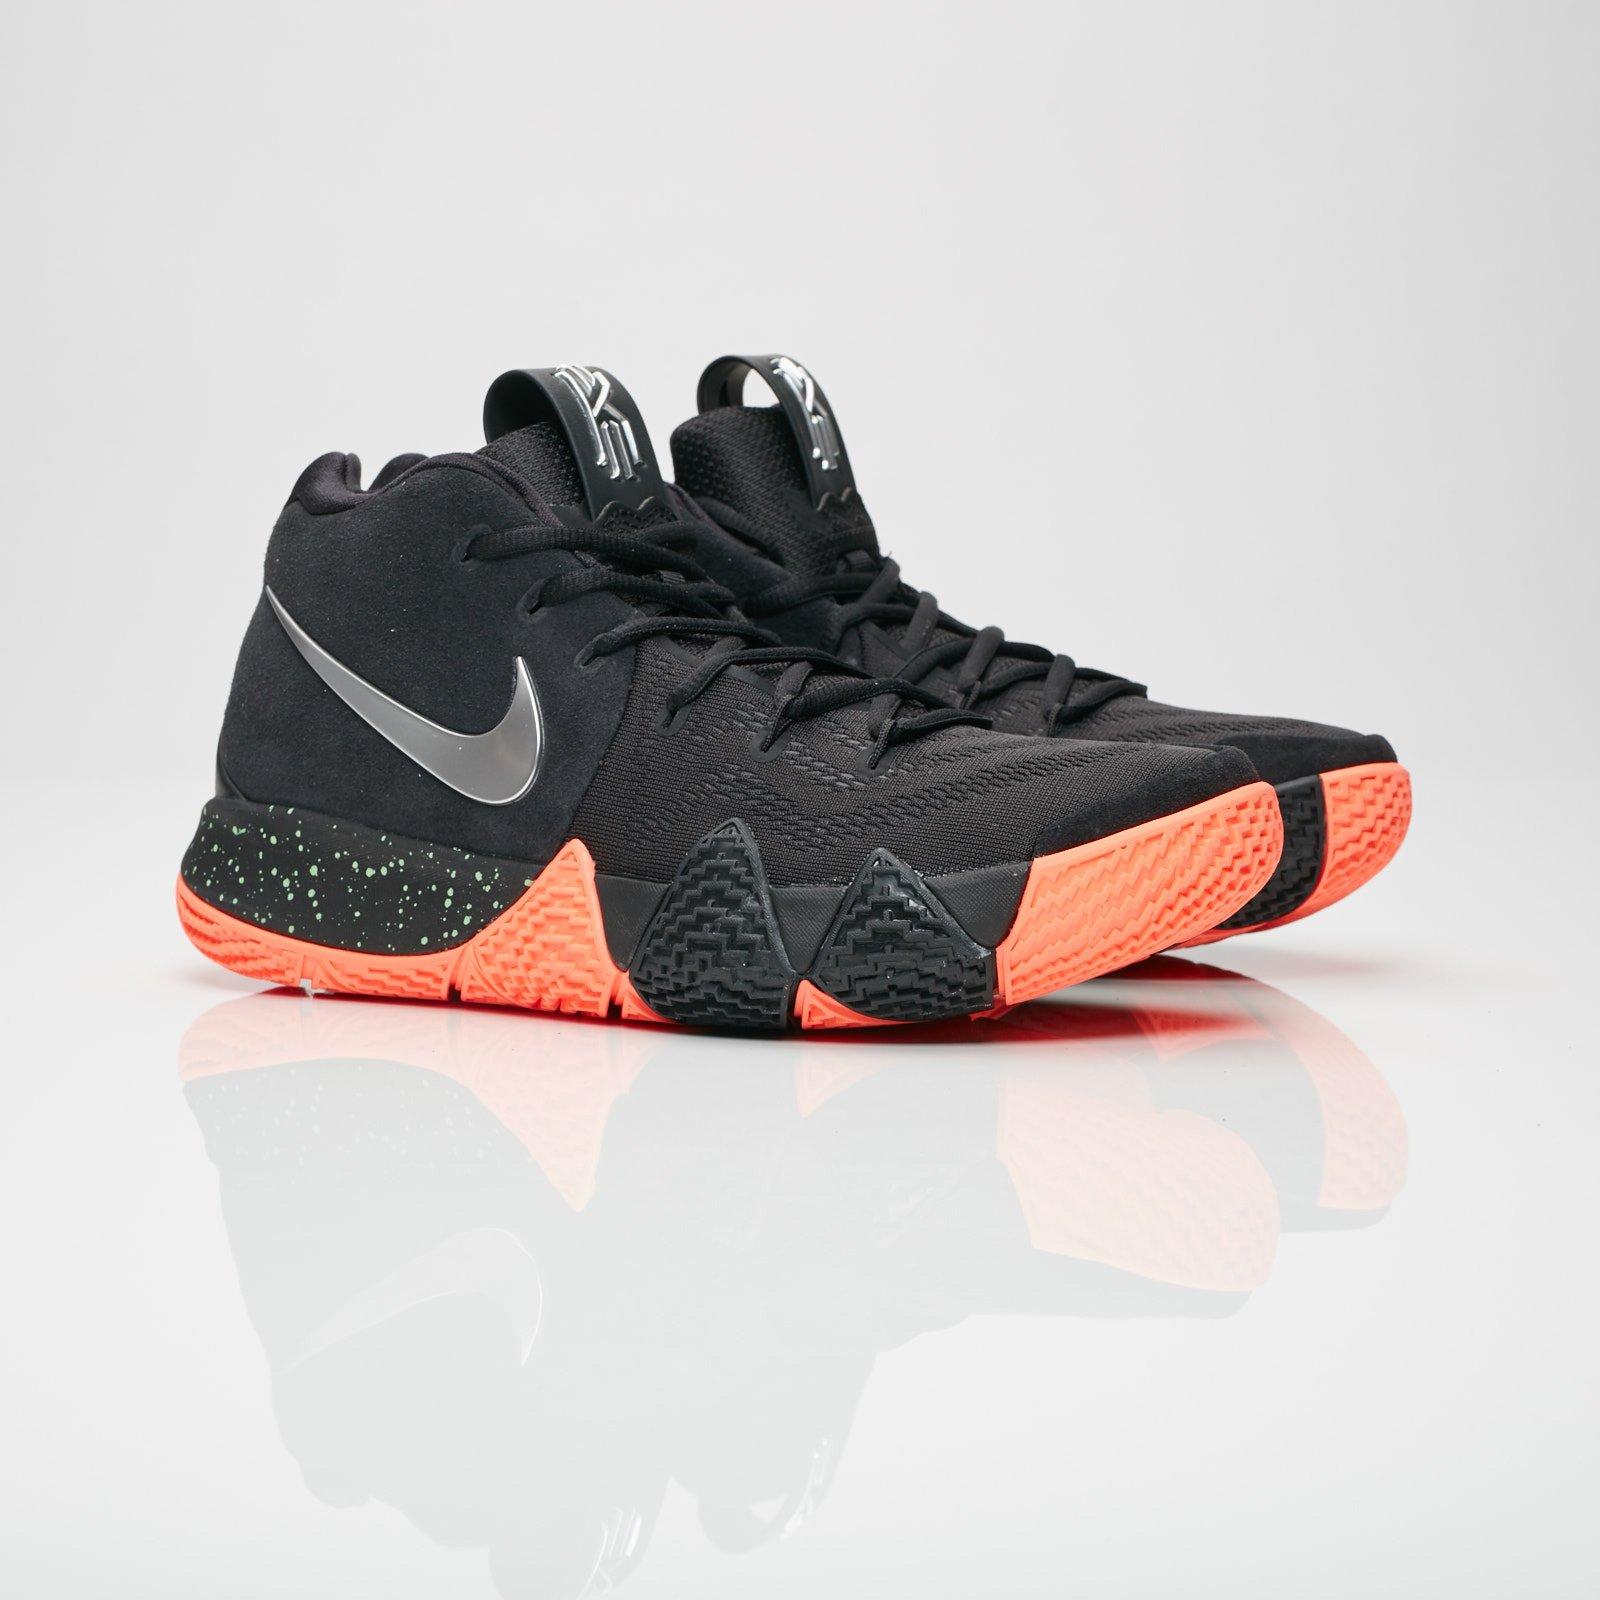 55ba9c3288b Nike Kyrie 4 - 943806-010 - Sneakersnstuff